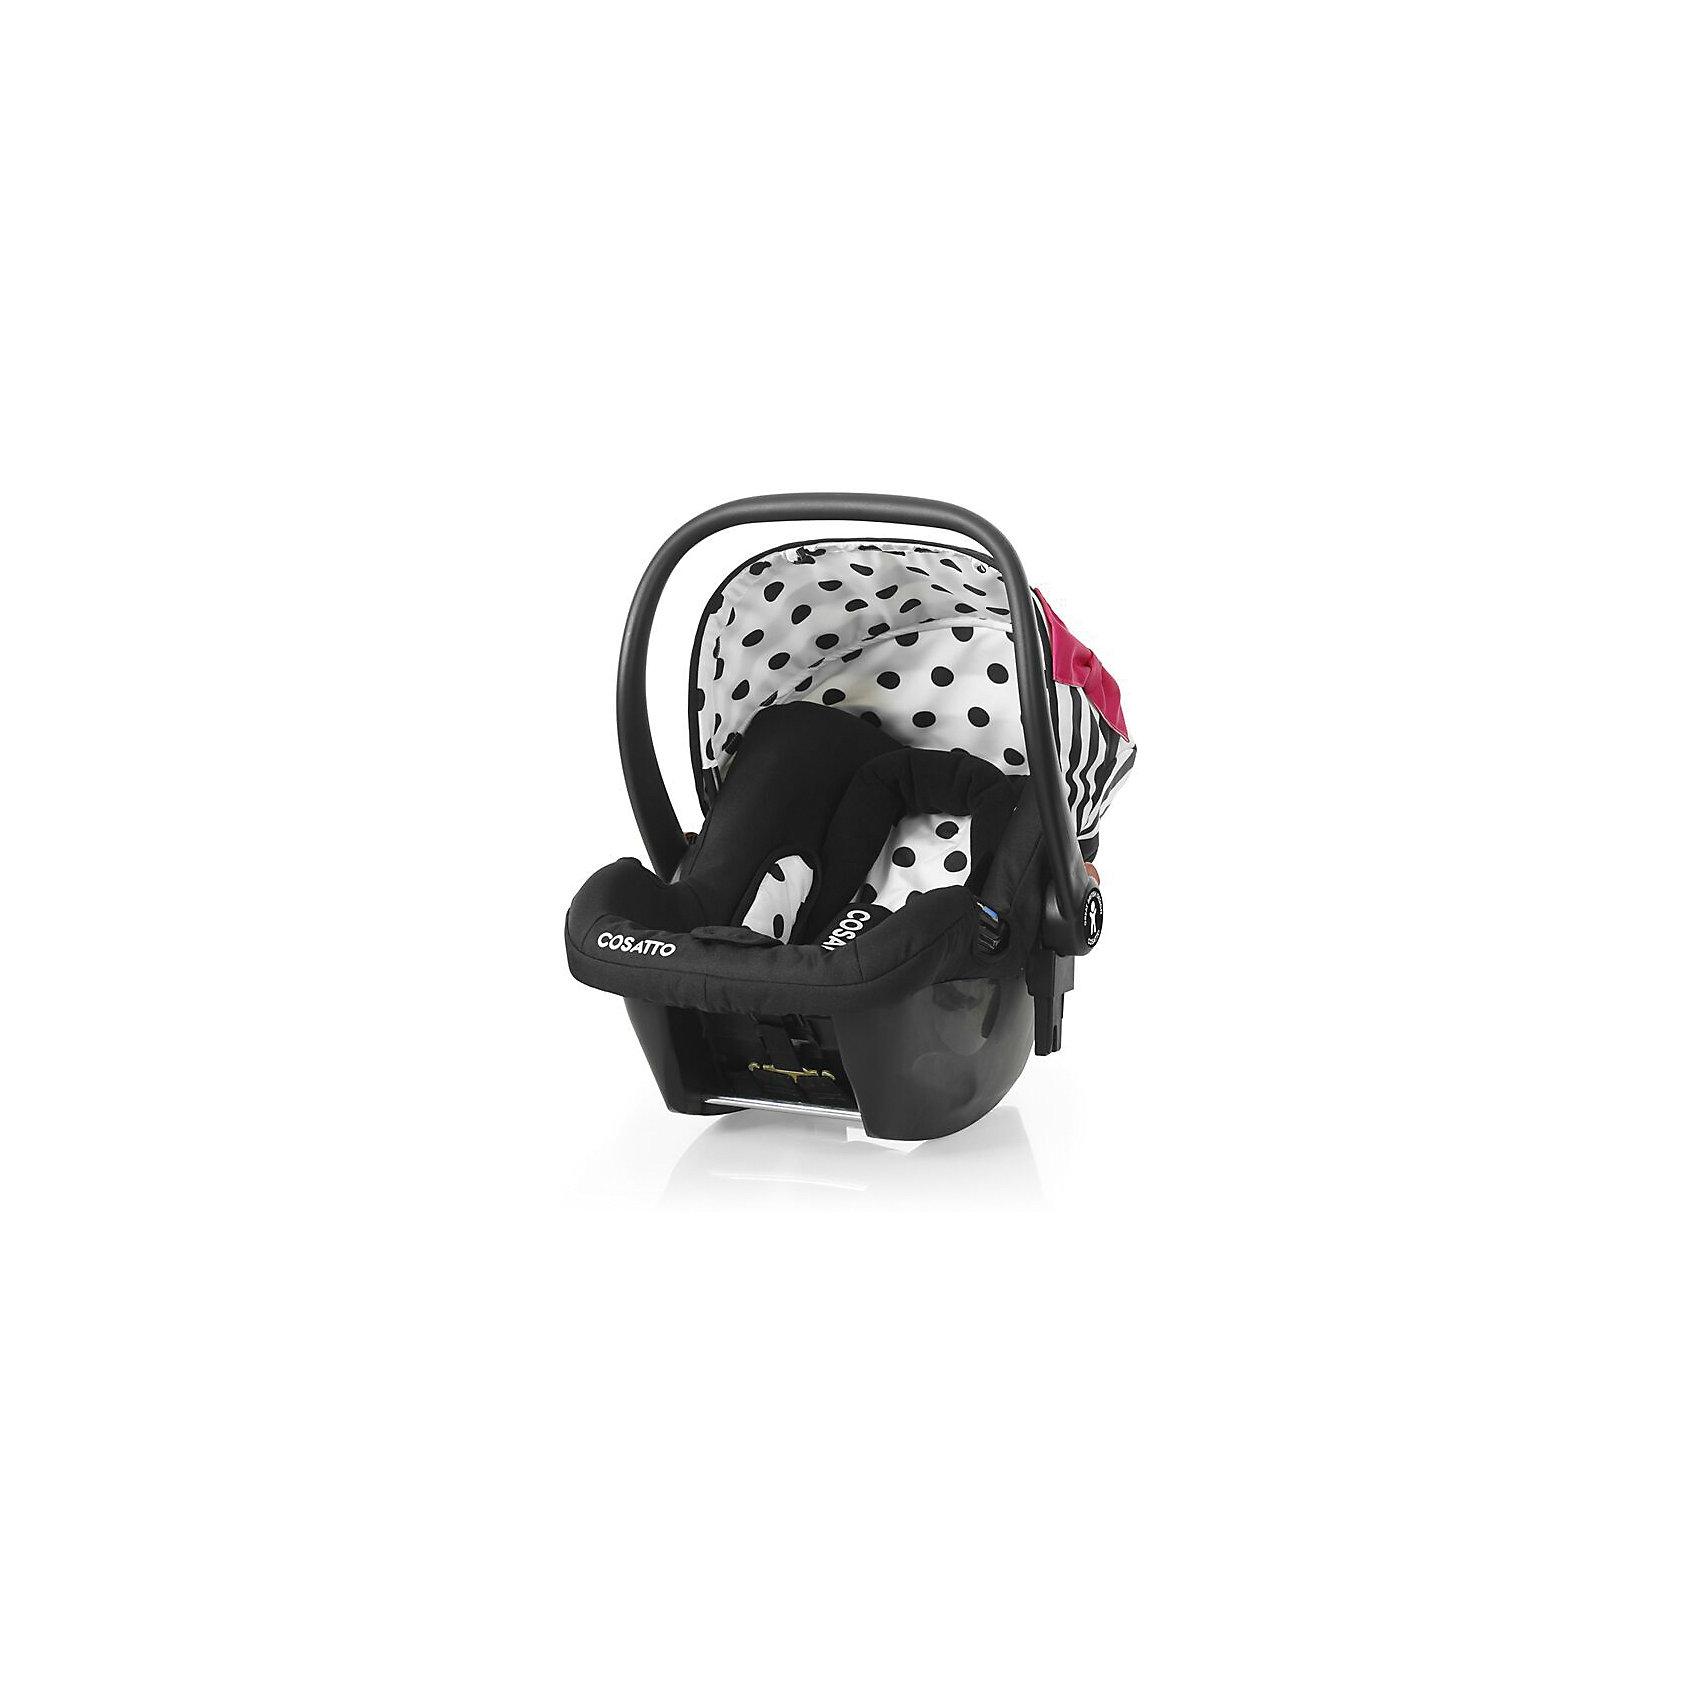 Автокресло Cosatto Hold 0-13 кг, Go Lightly 2Группа 0+ (До 13 кг)<br>Характеристики автокресла Hold Cosatto:<br><br>• группа 0+;<br>• вес ребенка: до 13 кг;<br>• возраст ребенка: от рождения до 12 месяцев;<br>• способ установки: против хода движения автомобиля;<br>• способ крепления: штатными ремнями безопасности автомобиля;<br>• есть возможность установить автокресло на базу с системой крепления Isofix - база приобретается отдельно;<br>• 5-ти точечные ремни безопасности с мягкими накладками;<br>• регулируемый защитный капор;<br>• анатомический вкладыш для новорожденного;<br>• в комплекте с автокреслом идет дождевик;<br>• пластиковая ручка, автолюлька используется как переноска, положение ручки меняется;<br>• автокресло можно использовать как кресло-качалку;<br>• чтобы зафиксировать кресло, необходимо изменить положение ручки и создать упор в пол;<br>• съемные чехлы, стирка при температуре 30 градусов;<br>• материал: пластик, полиэстер;<br>• стандарт безопасности: ЕСЕ R44/03.<br><br>Размер автокресла, ДхШхВ: 70х44х60 см<br>Вес автокресла: 4,2 кг<br><br>Автокресло Hold Cosatto устанавливается как против хода движения автомобиля на заднем сиденье. Глубокая чаша просторная, малышу удобно находится в кресле даже в теплом комбинезоне. Анатомический вкладыш с подголовником снимается. Автокресло соответствует европейским стандартам безопасности. Авктокресло можно установить на раму коляски Cosatto. Адаптеры для установки автокресла на шасси коляски входят в комплект.<br><br>Автокресло 0-13 кг., HOLD, COSATTO можно купить в нашем интернет-магазине.<br><br>Ширина мм: 740<br>Глубина мм: 440<br>Высота мм: 380<br>Вес г: 6000<br>Возраст от месяцев: 0<br>Возраст до месяцев: 12<br>Пол: Унисекс<br>Возраст: Детский<br>SKU: 5025706